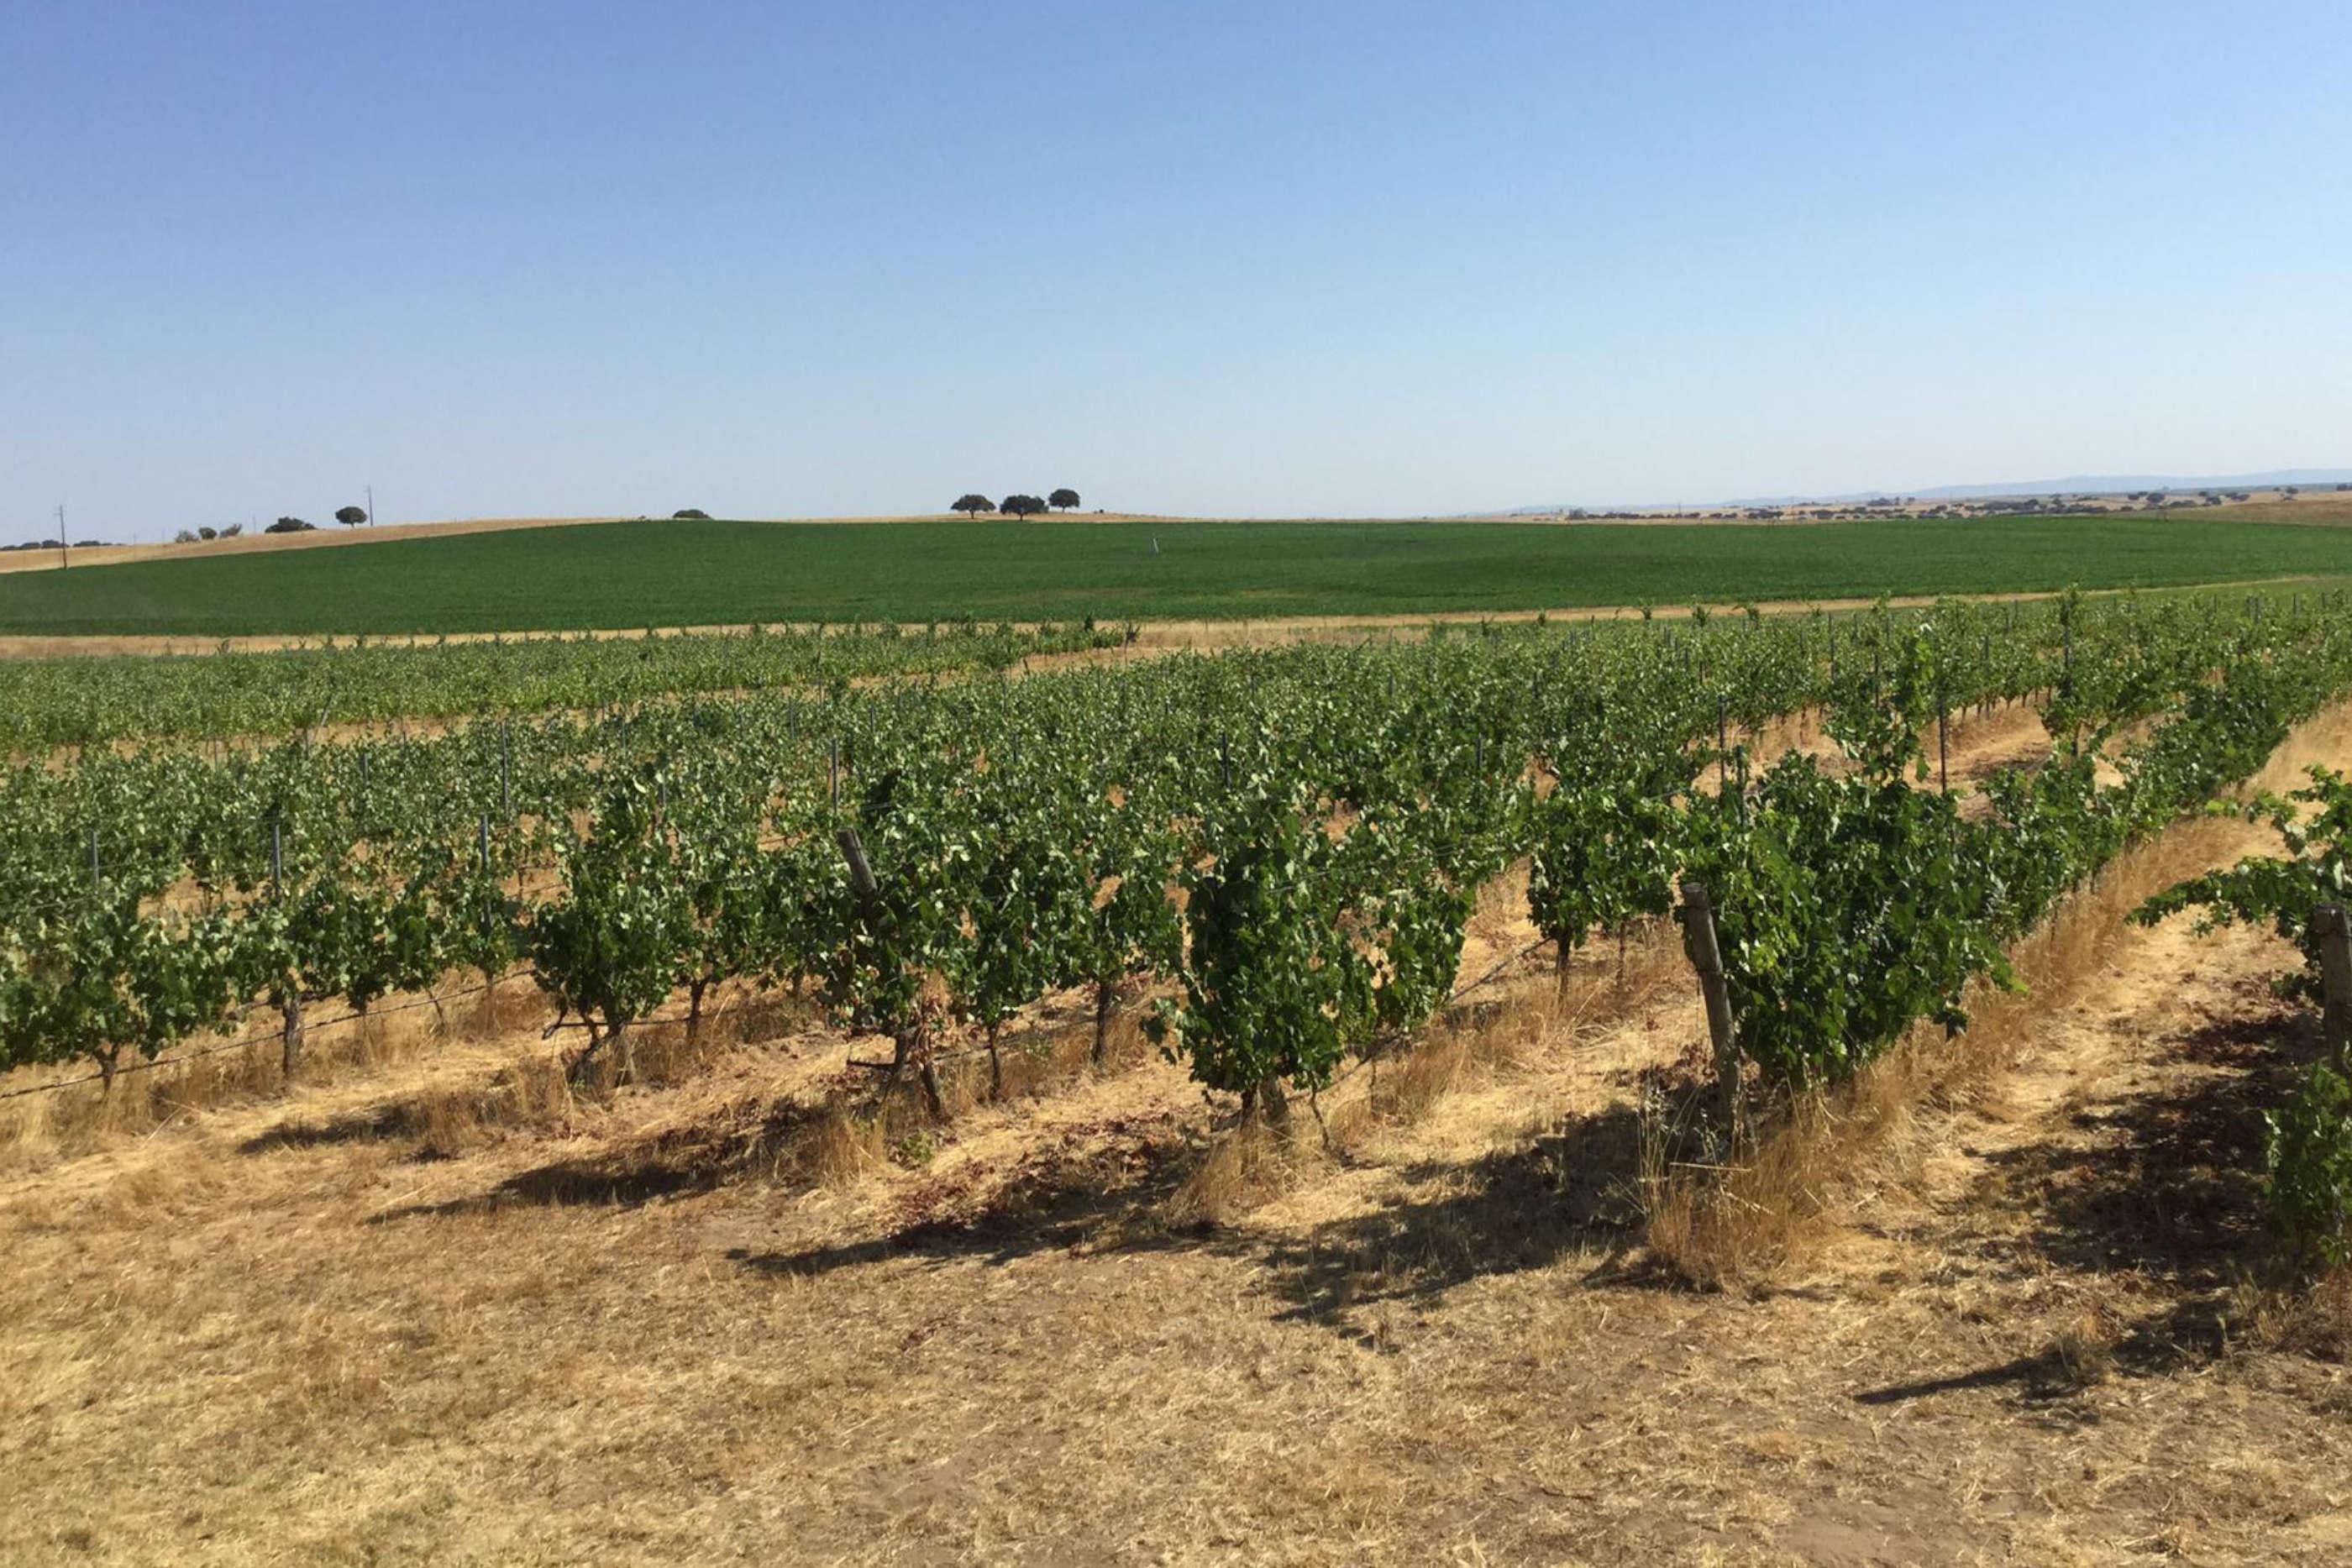 Vastos campos de vinhas verdes em terrenos de produção de Paulo Laureano Vinus, plantadas nos sólos quentes e de cor seca do Alentejo.